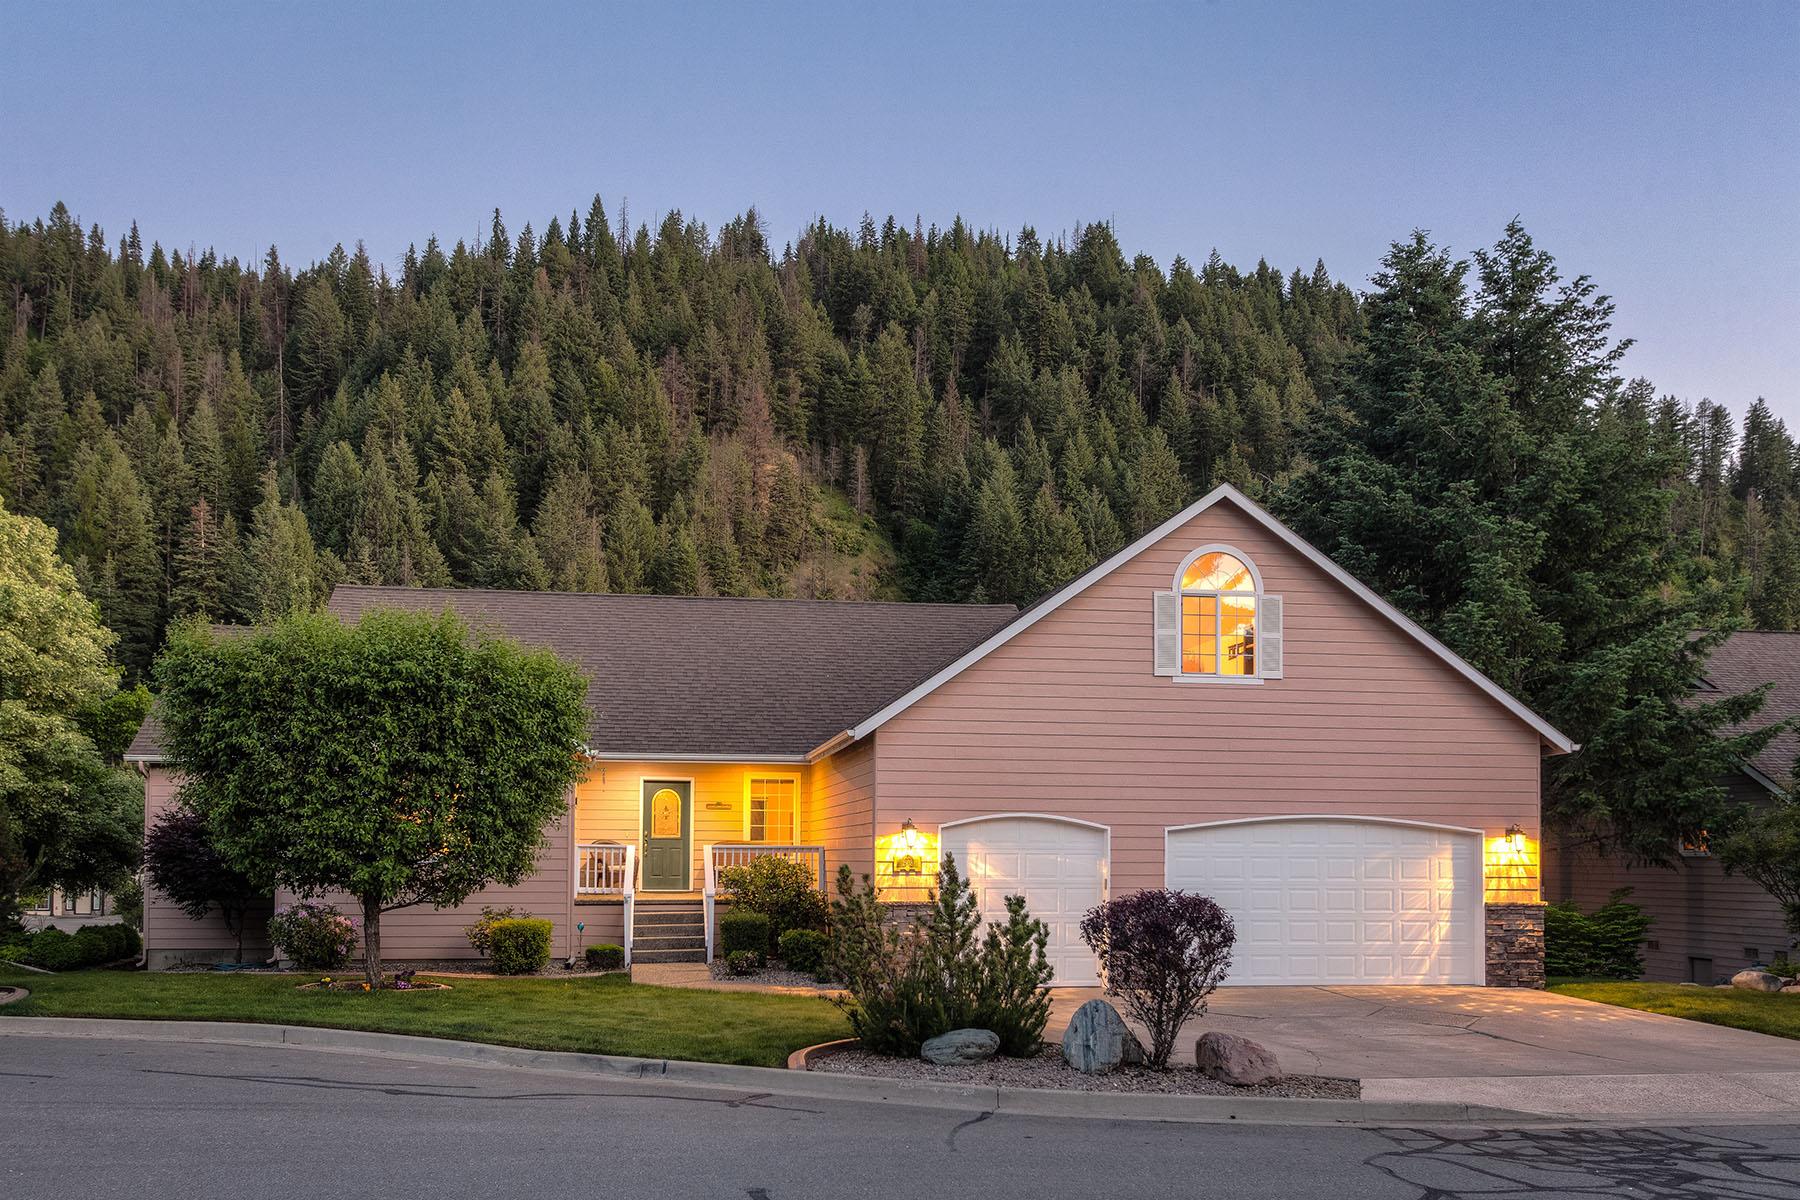 단독 가정 주택 용 매매 에 Best Hills Beauty 2938 E Silvertip Ave Coeur D Alene, 아이다호, 83814 미국